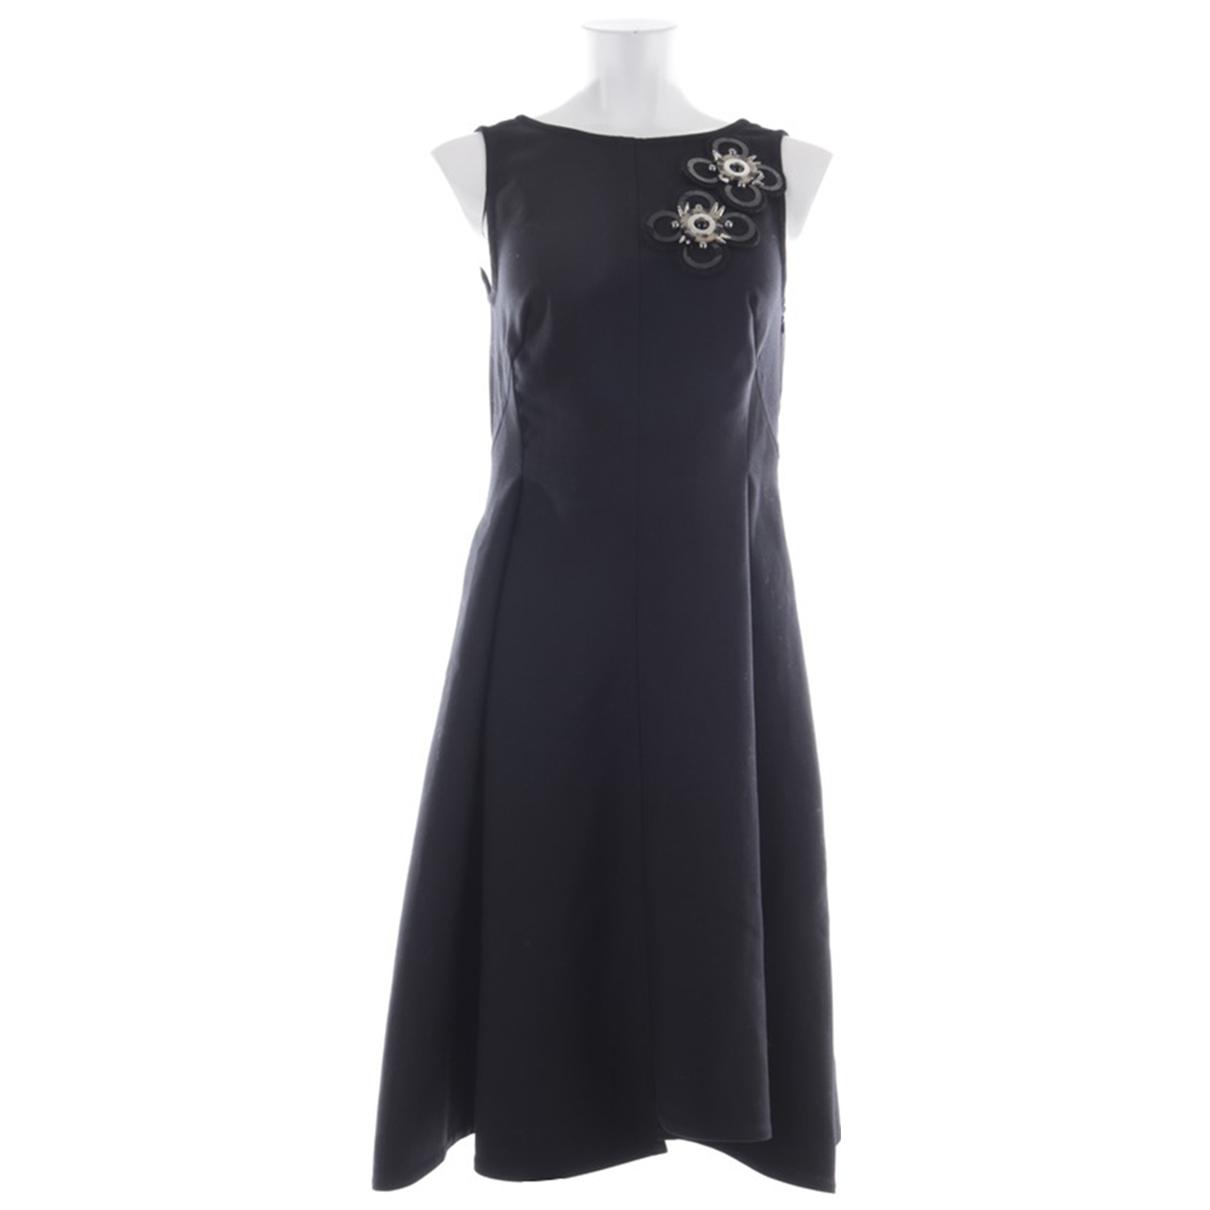 Dorothee Schumacher \N Kleid in  Schwarz Baumwolle